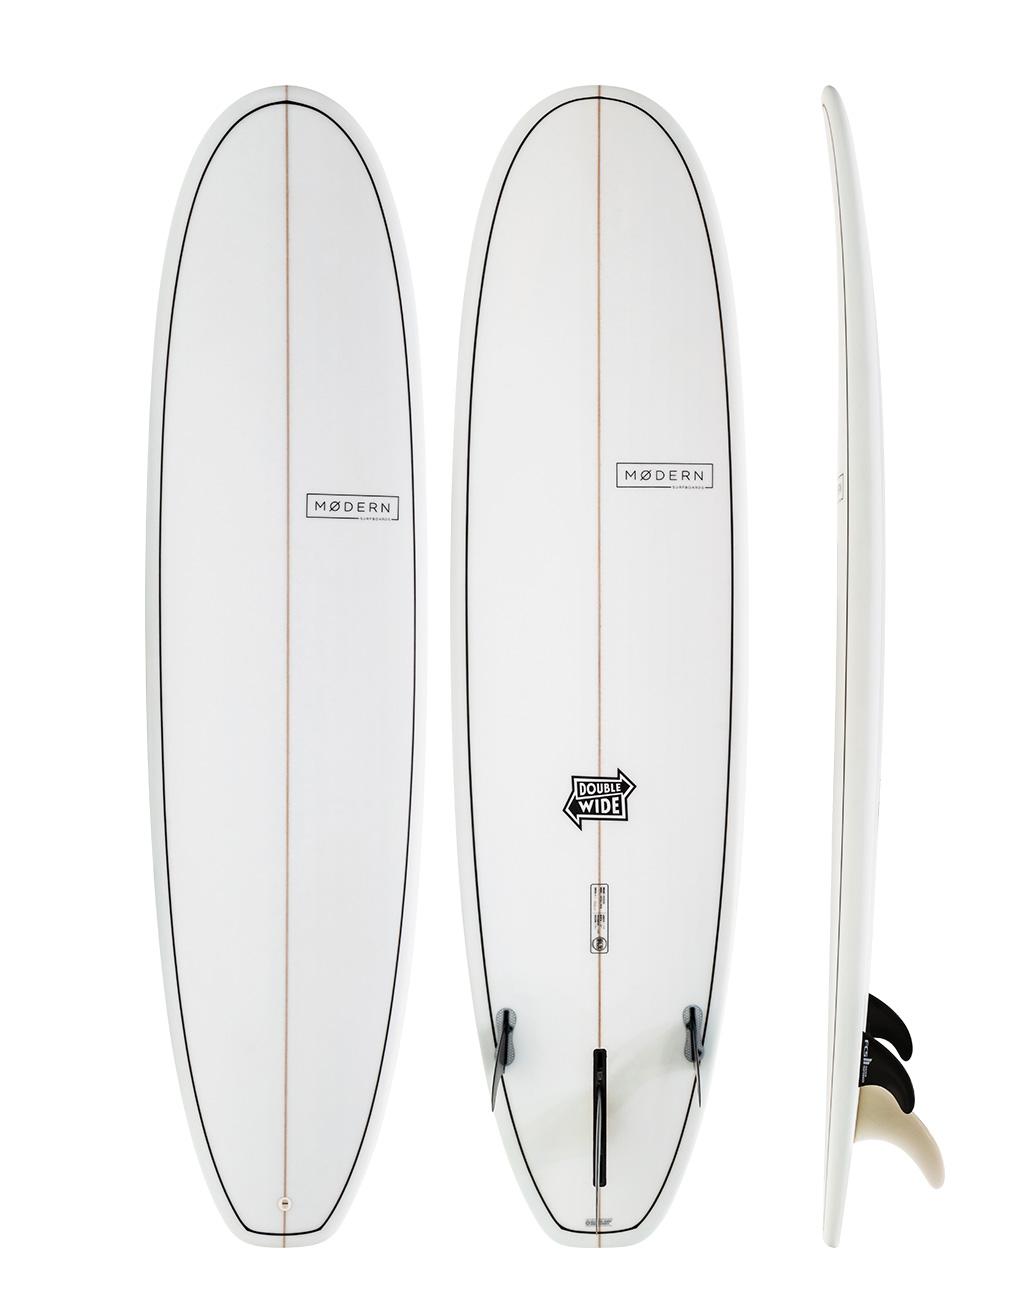 Modern double wide surfboard xls